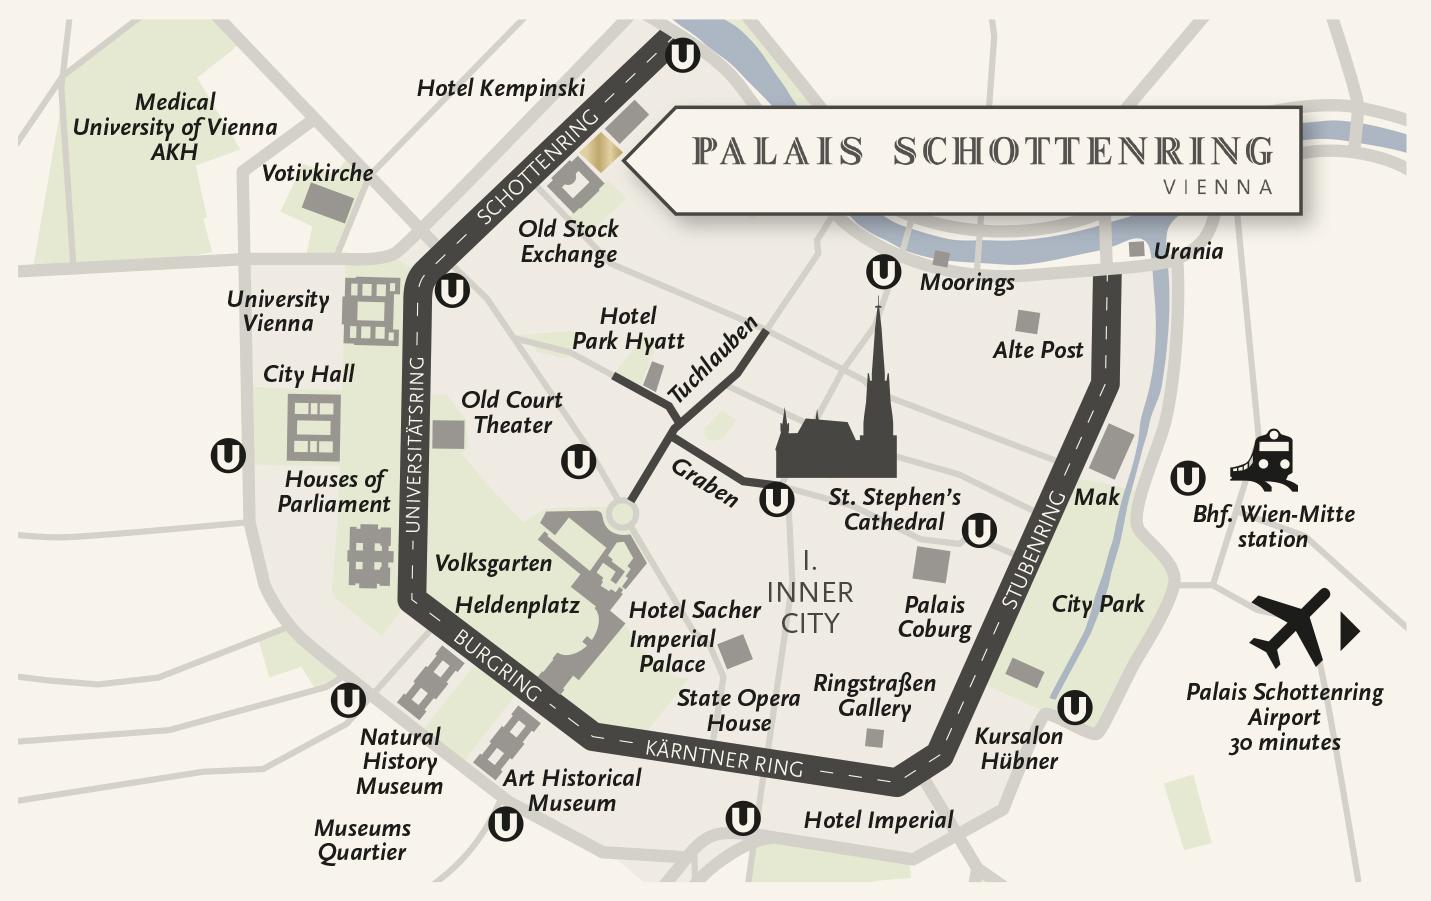 schottenring 1711 a 1010 vienna 43 1 310 12 11 infopalais schottenringcom - Vienna House Plans